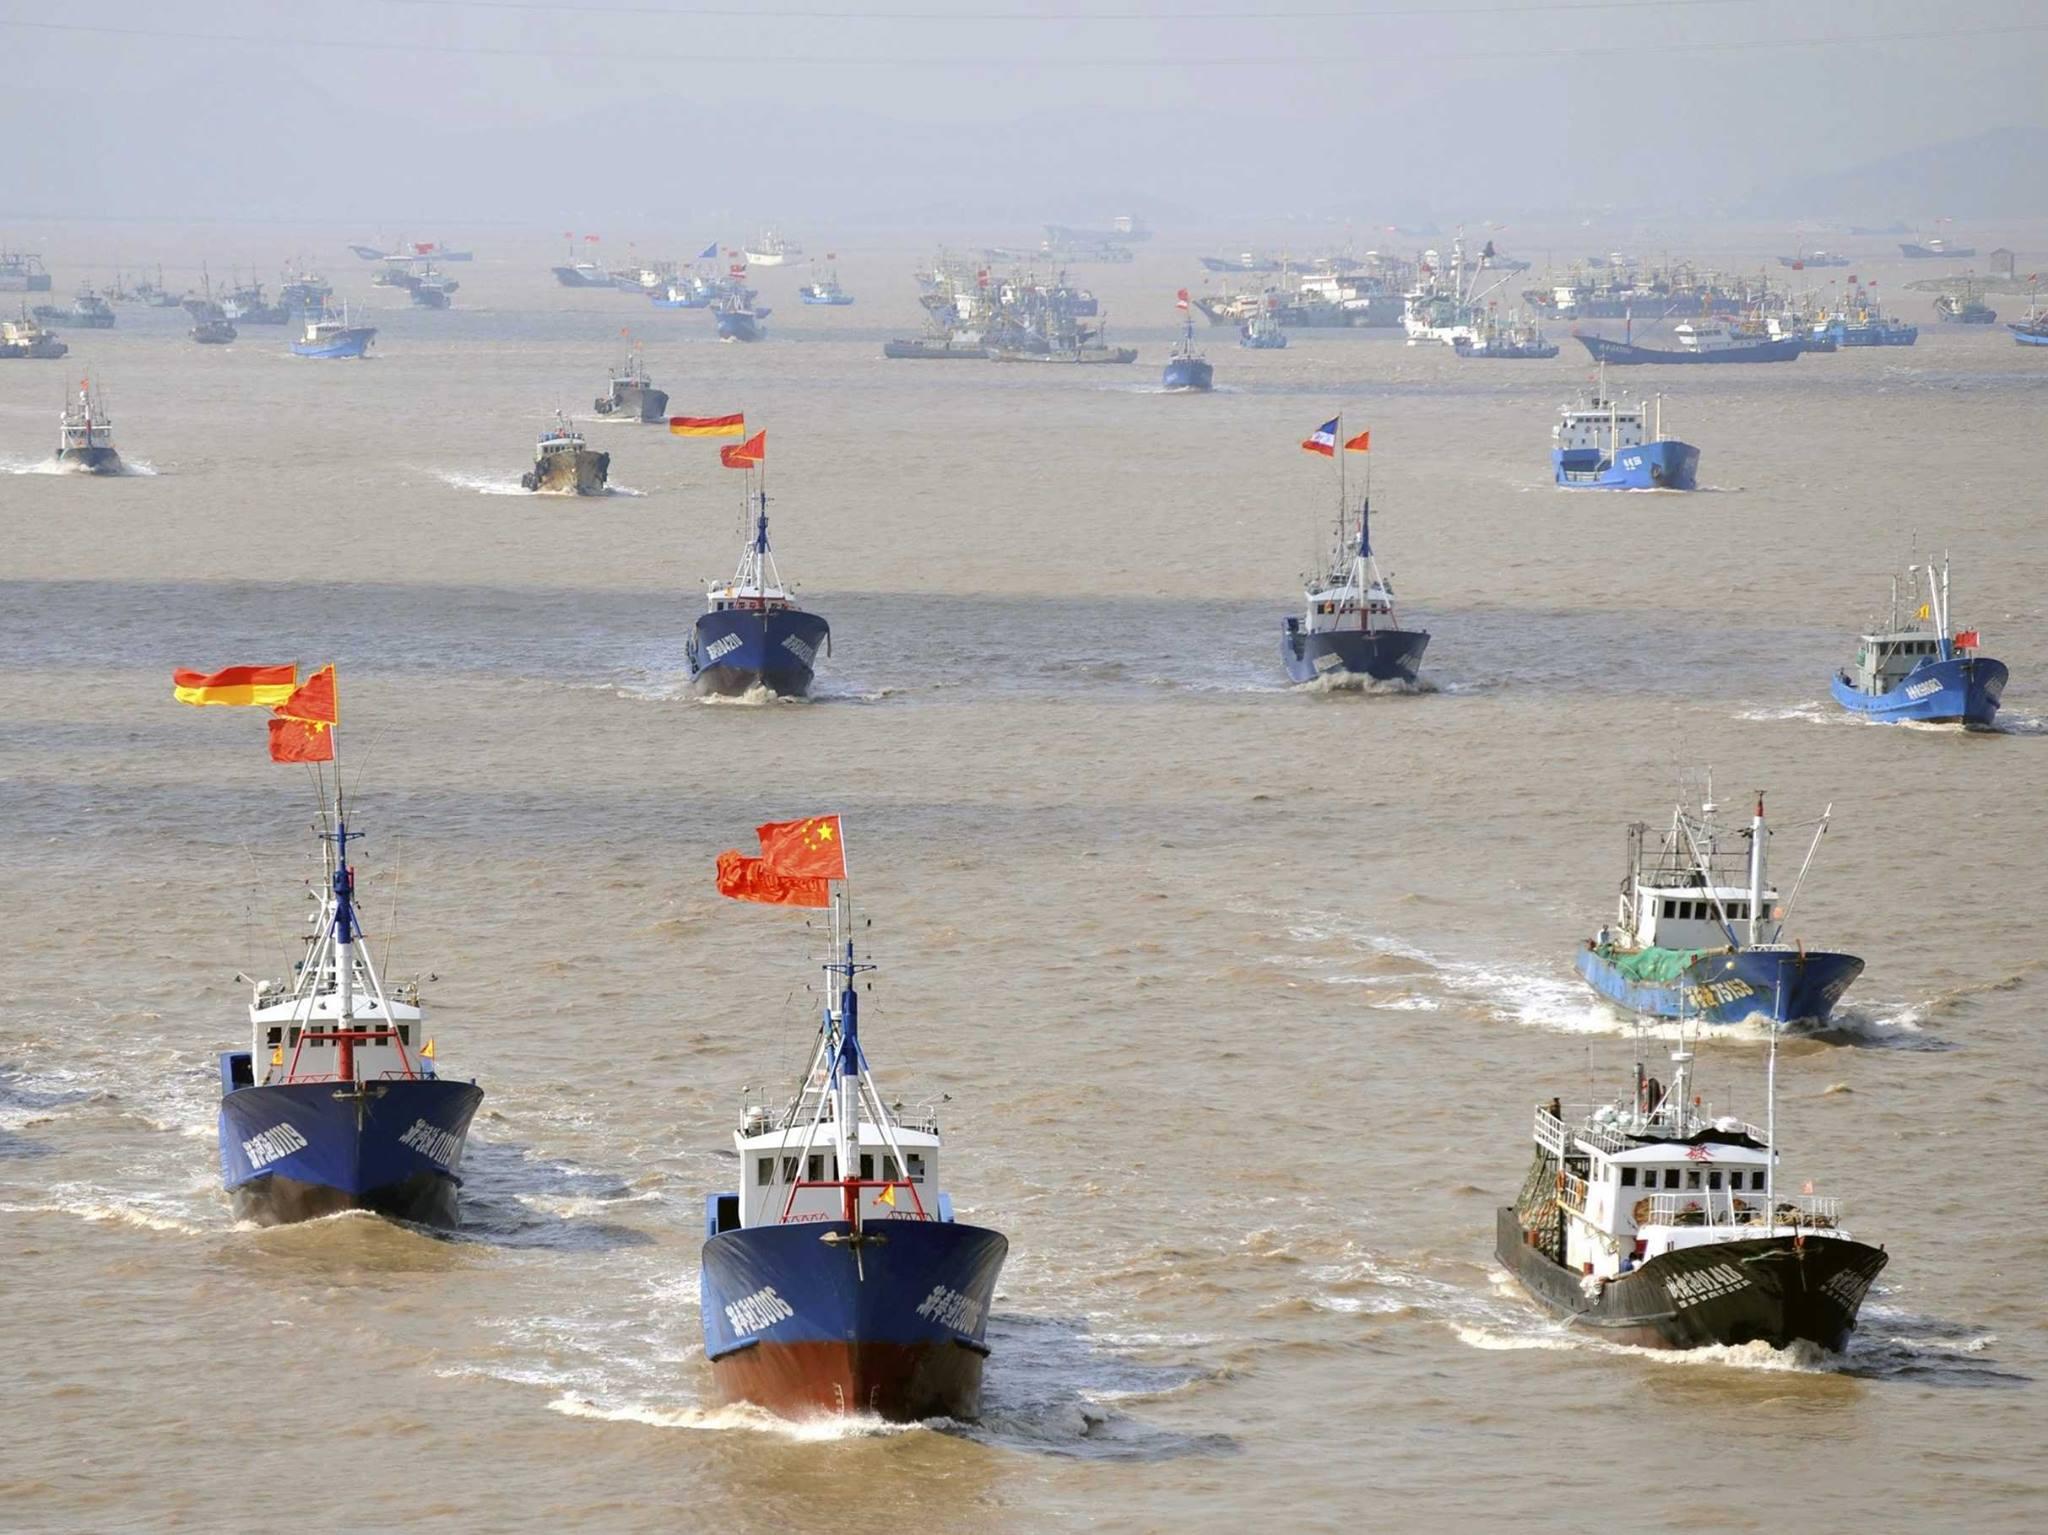 Đội tàu cá Trung Quốc ở biển Đông (Ảnh: Facebook)